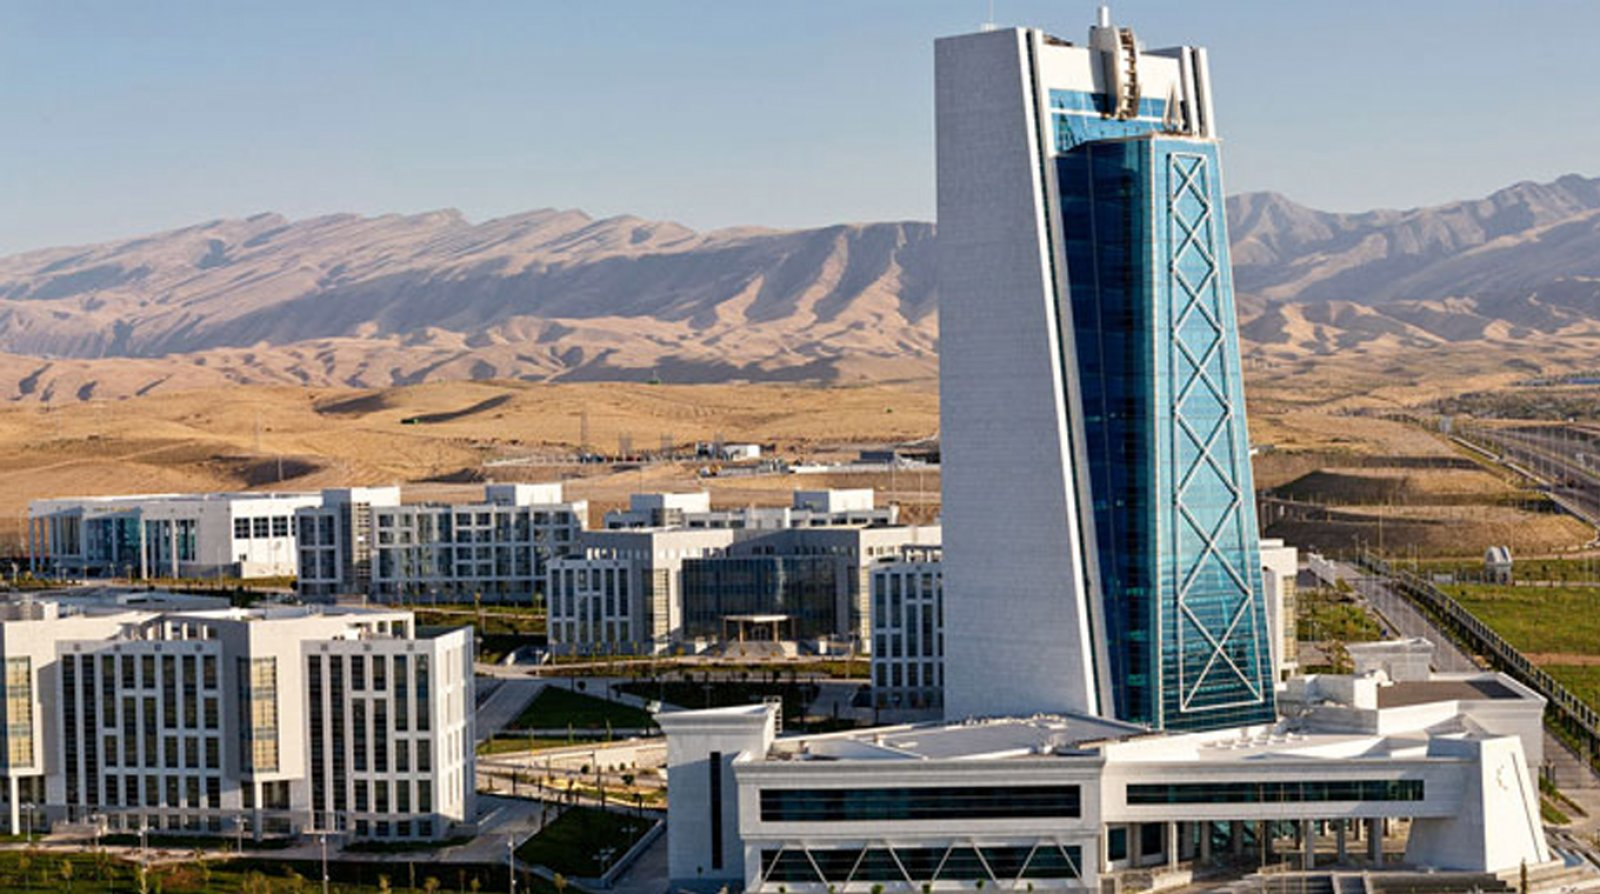 Politeknik Üniversitesi, Türkmenistan